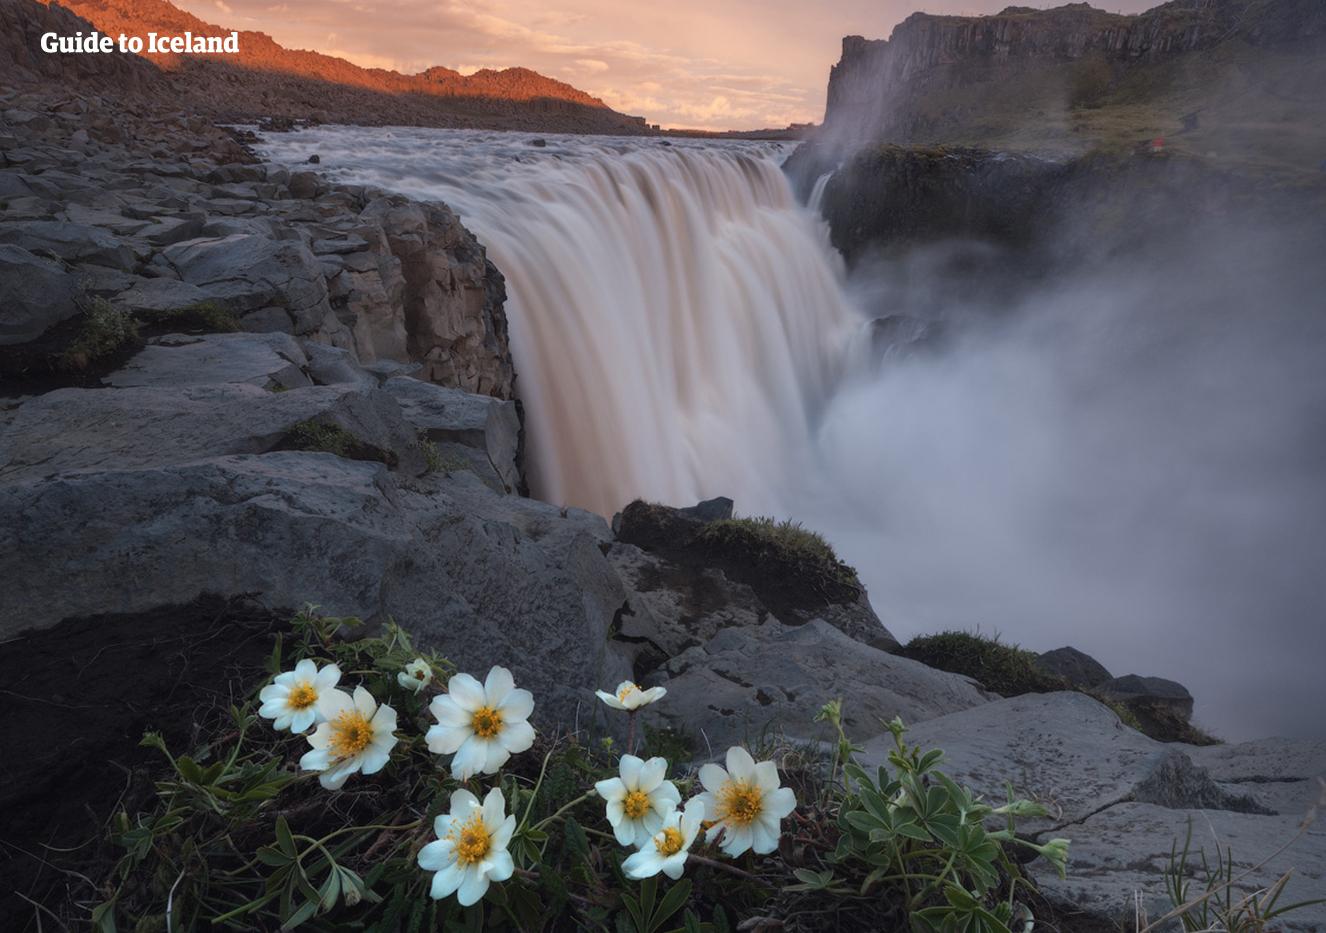 Letnie kwiaty kwitnące na skraju Dettifoss, najpotężniejszego wodospadu w Europie.